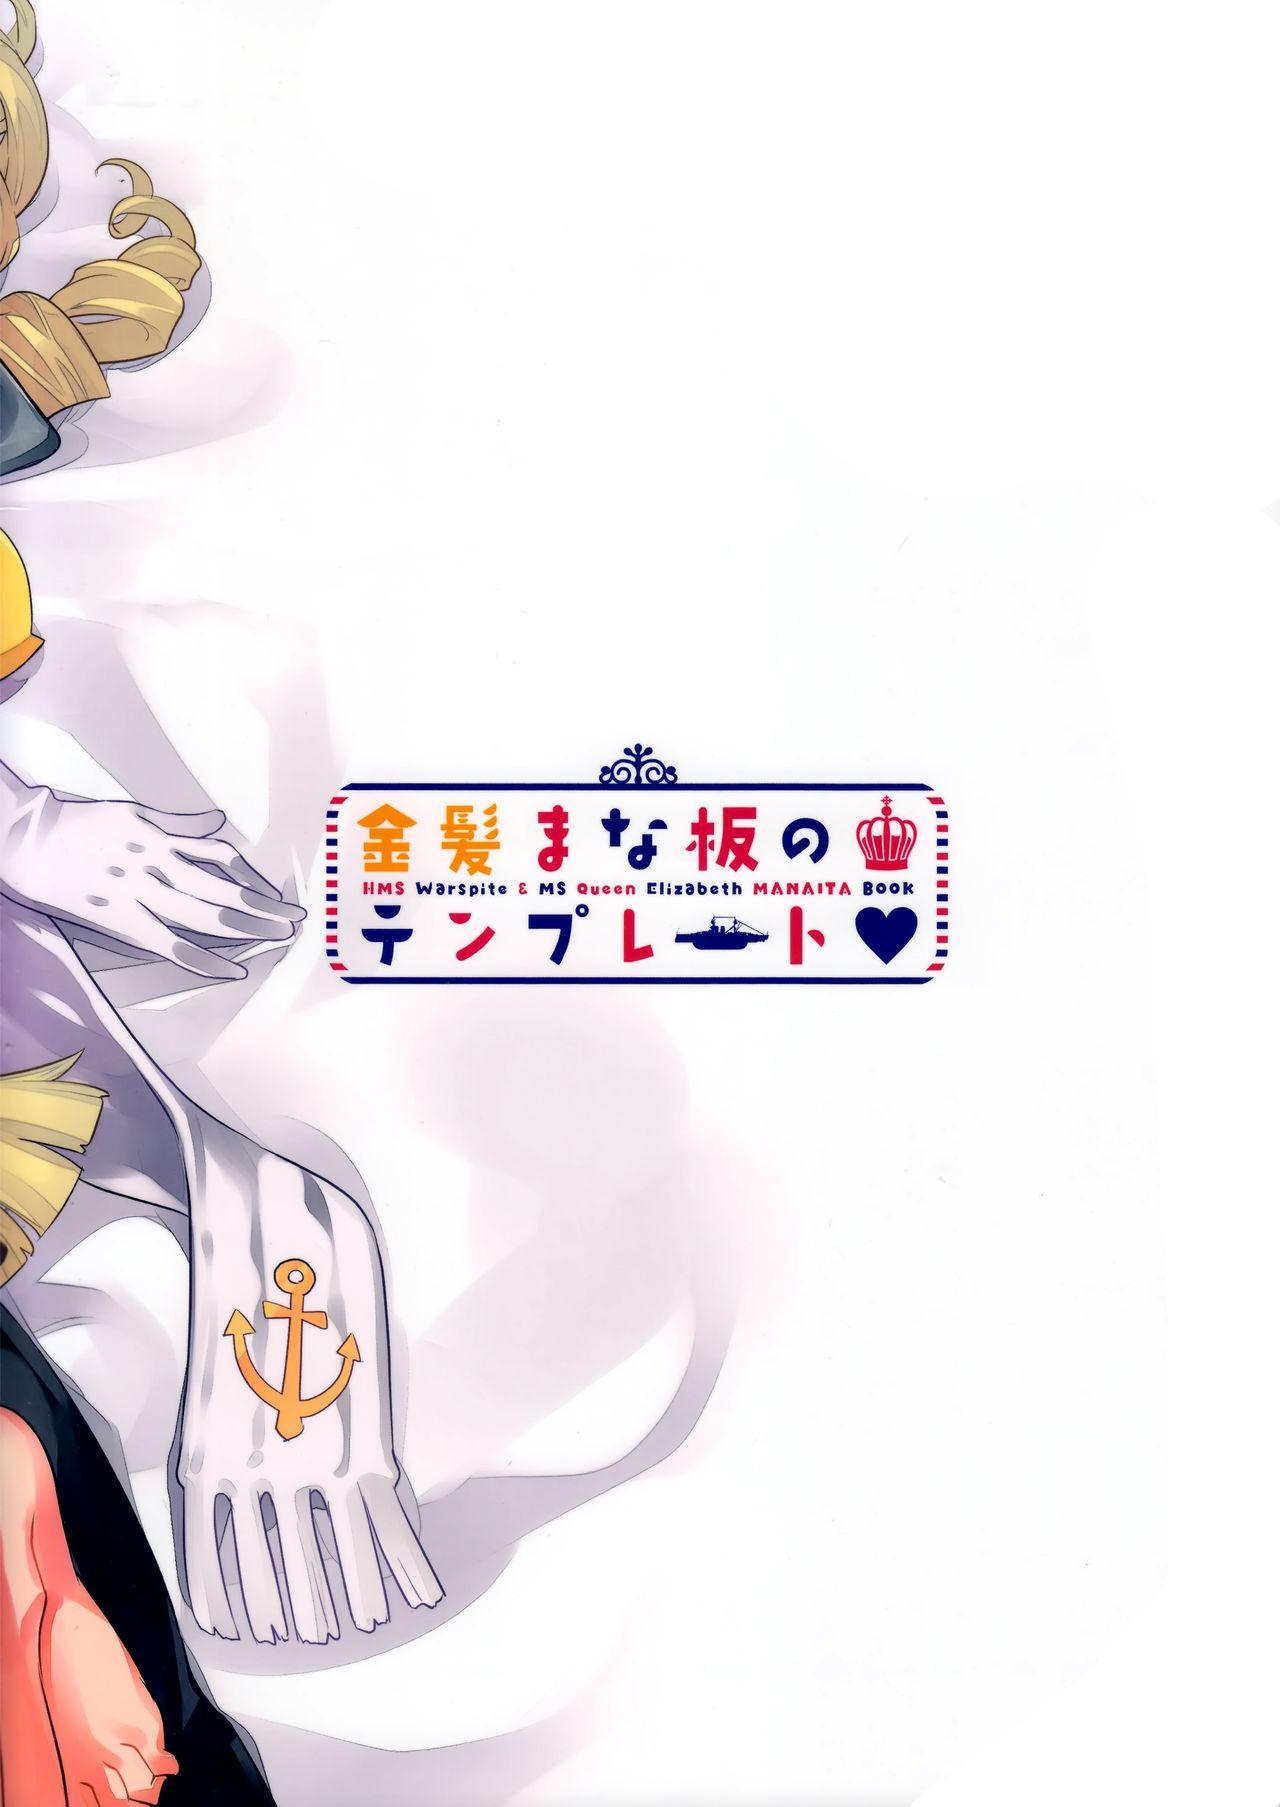 Kinpatsu Manaita no Template 18